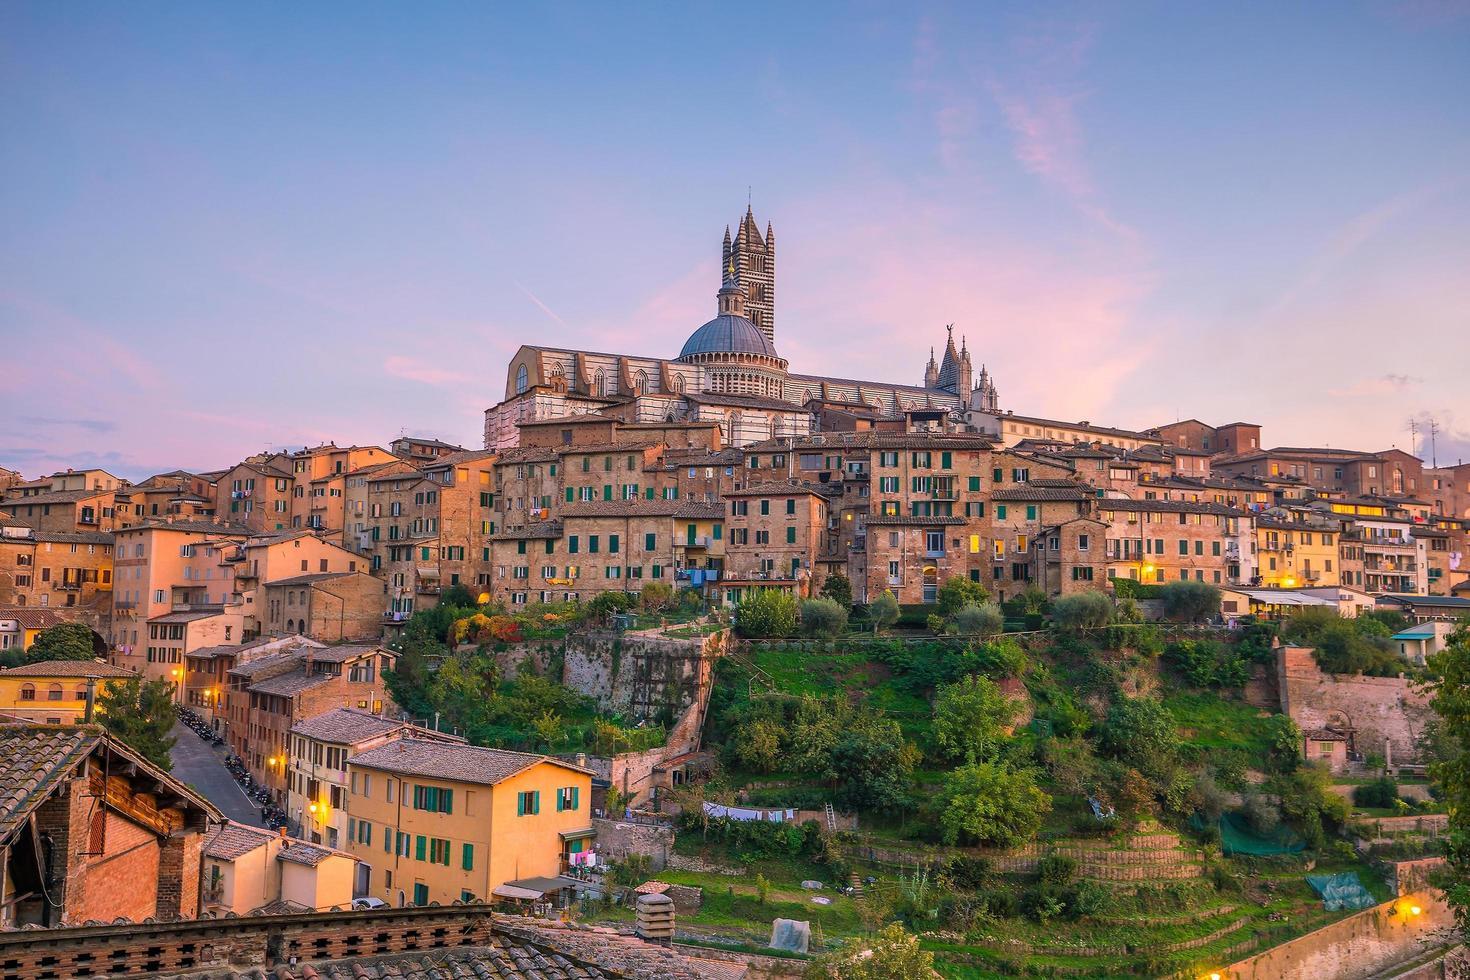 Downtown Siena skyline in Italy photo